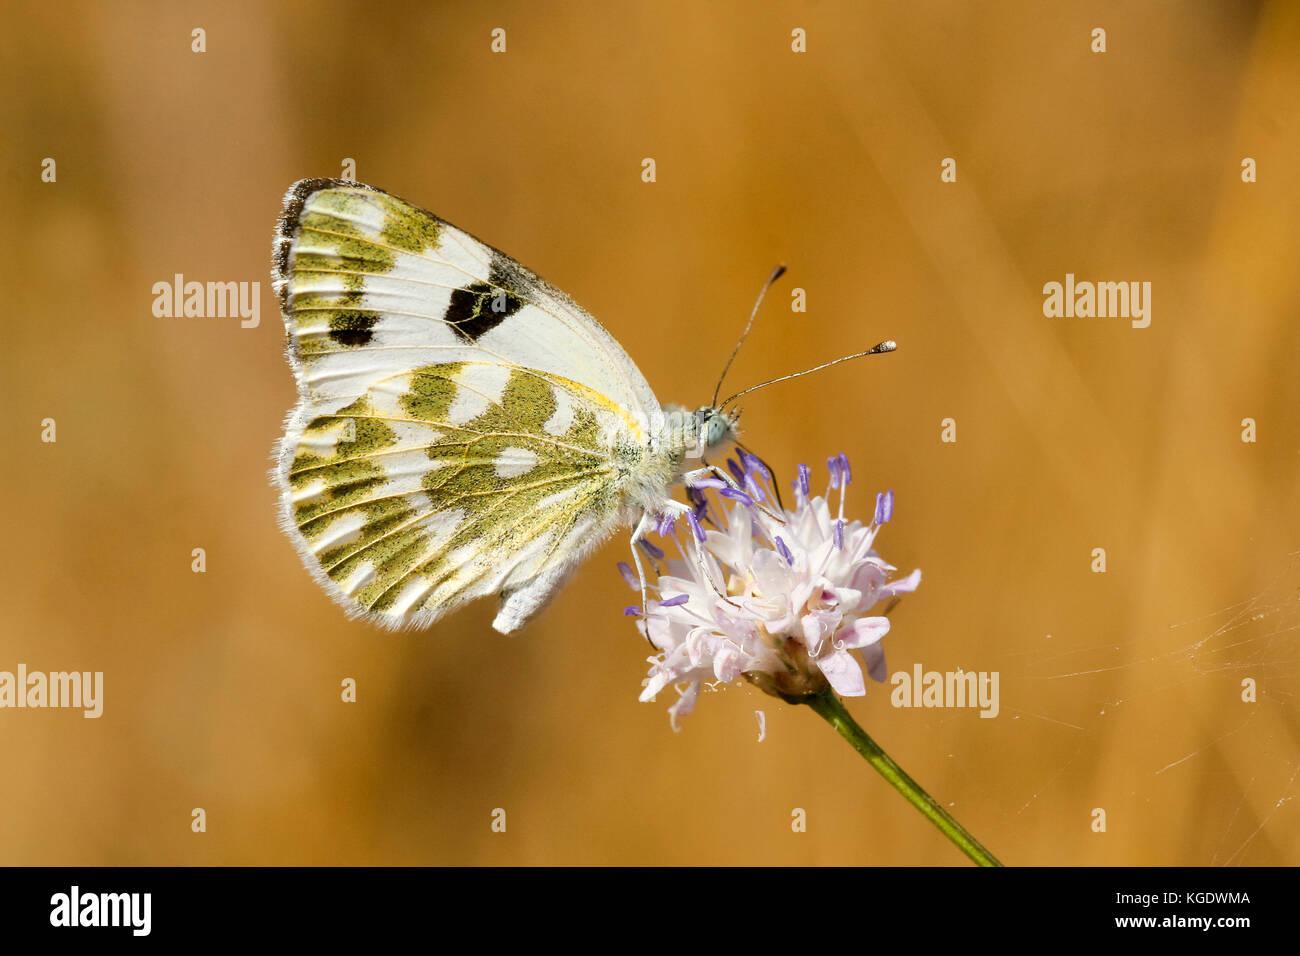 Pontia daplidice baignoire blanc butterfly tourné en Israël, été juin Photo Stock